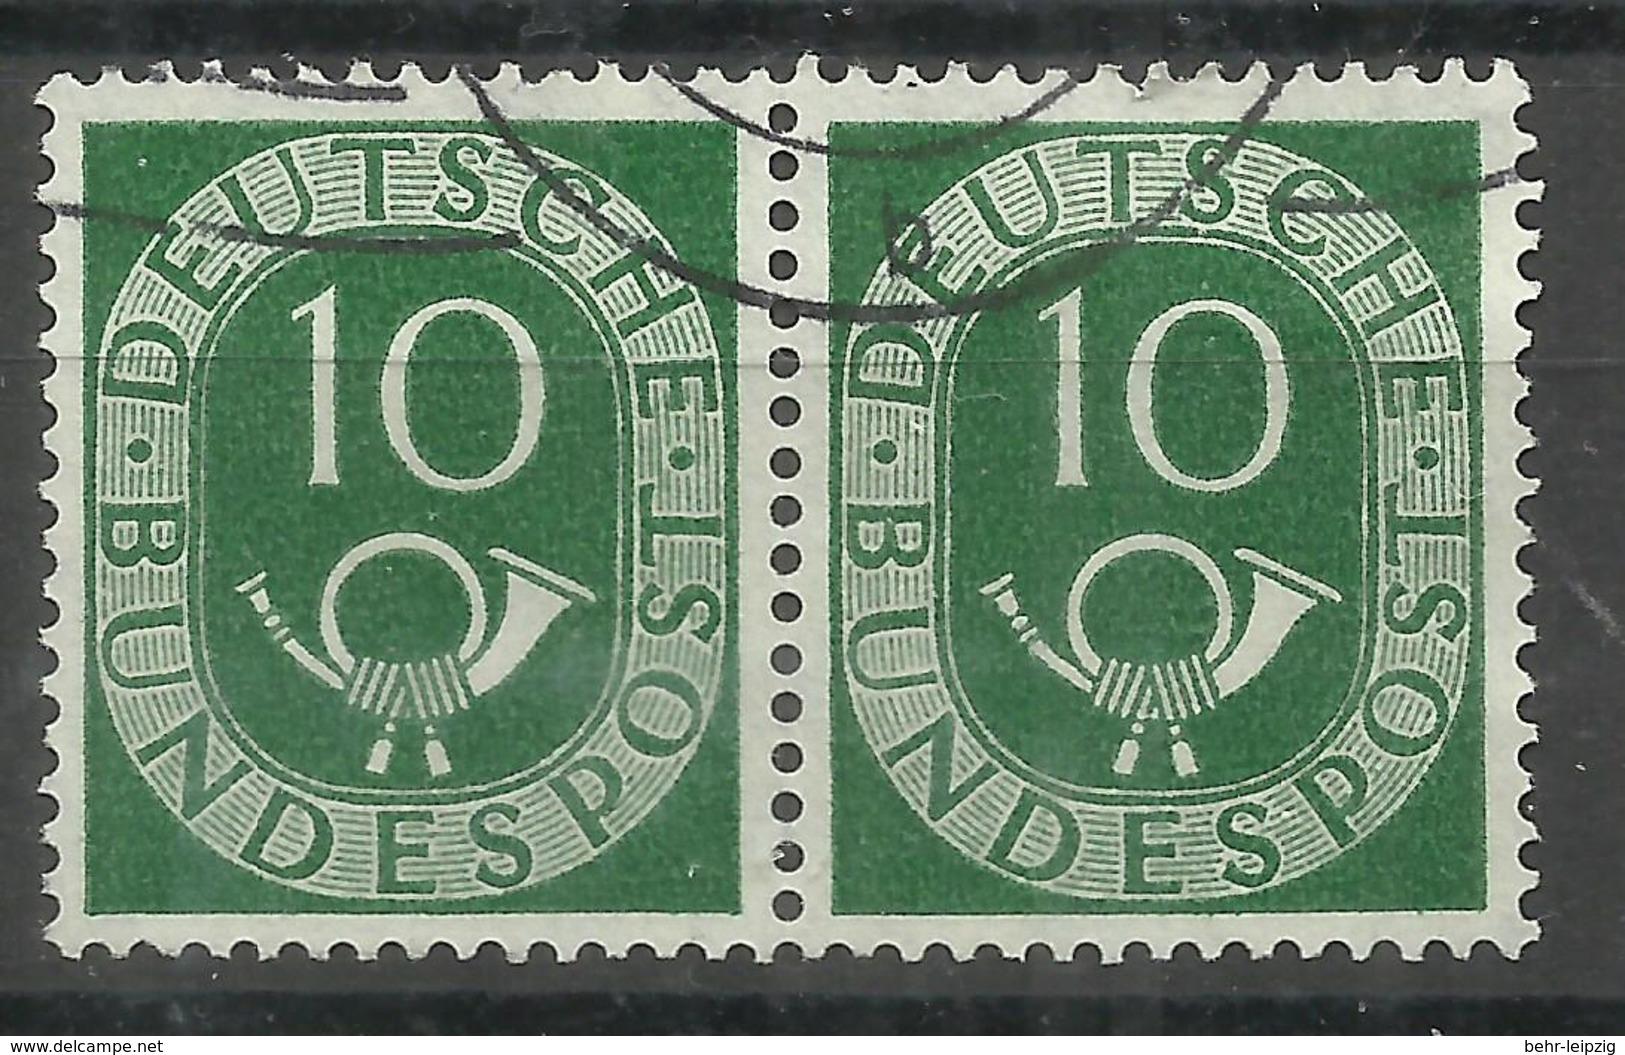 """BRD 128/128 """" 10 Pfg.Einzelmarke Im Paar Aus Der Posthornausgabe """" Sauber Gestempelt"""" Mi.:10,00 € - [7] Federal Republic"""